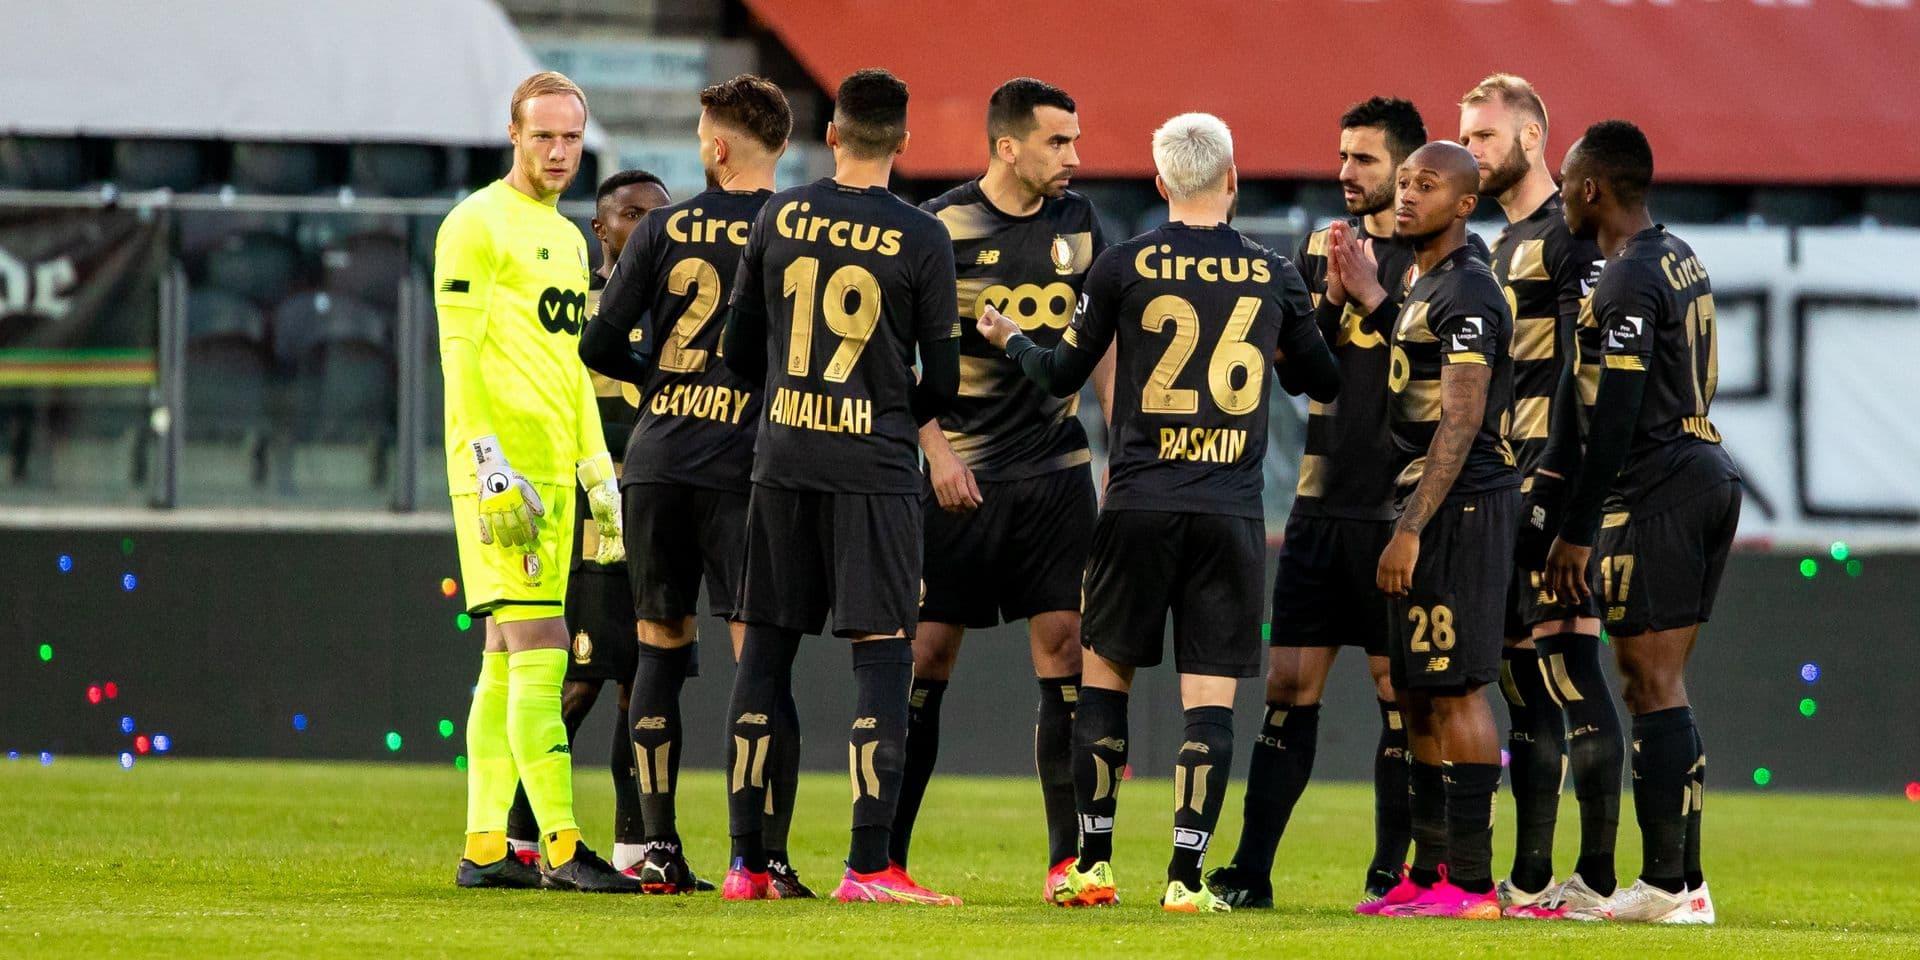 Avec un Bodart impérial, le Standard renverse Gand et se relance dans les Playoffs 2